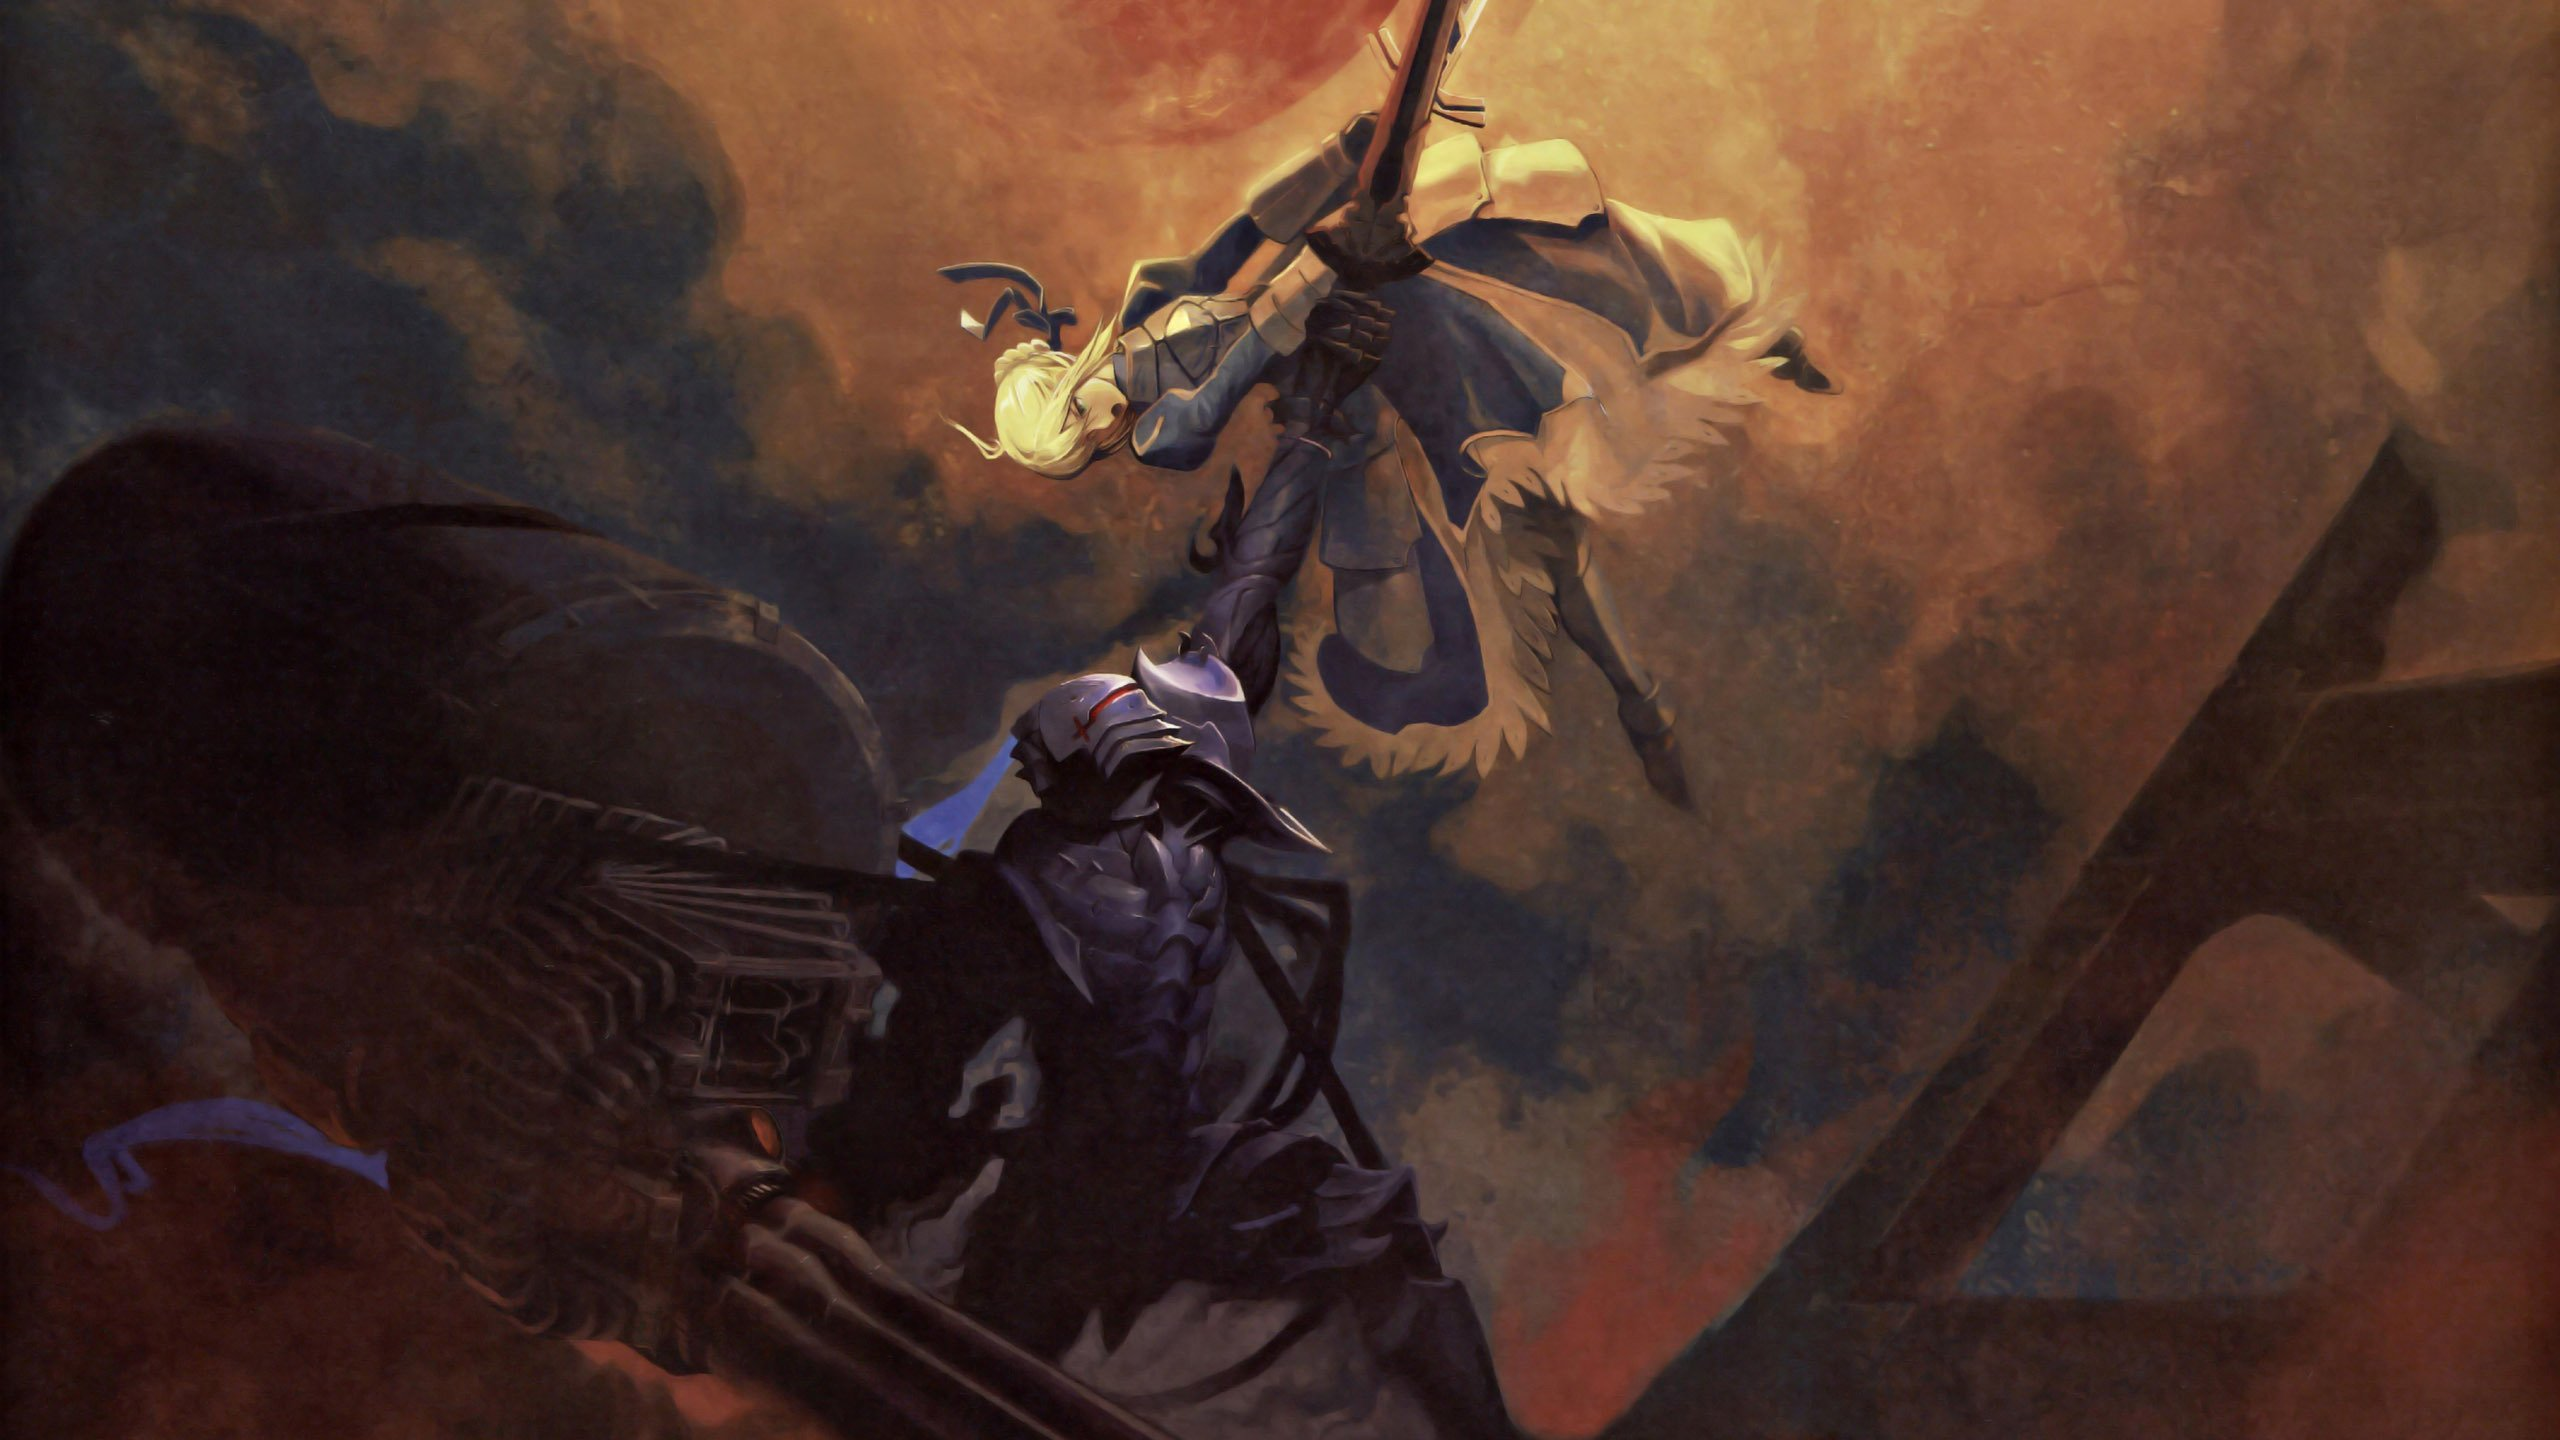 Fate Zero Wallpaper 3449 2560x1440